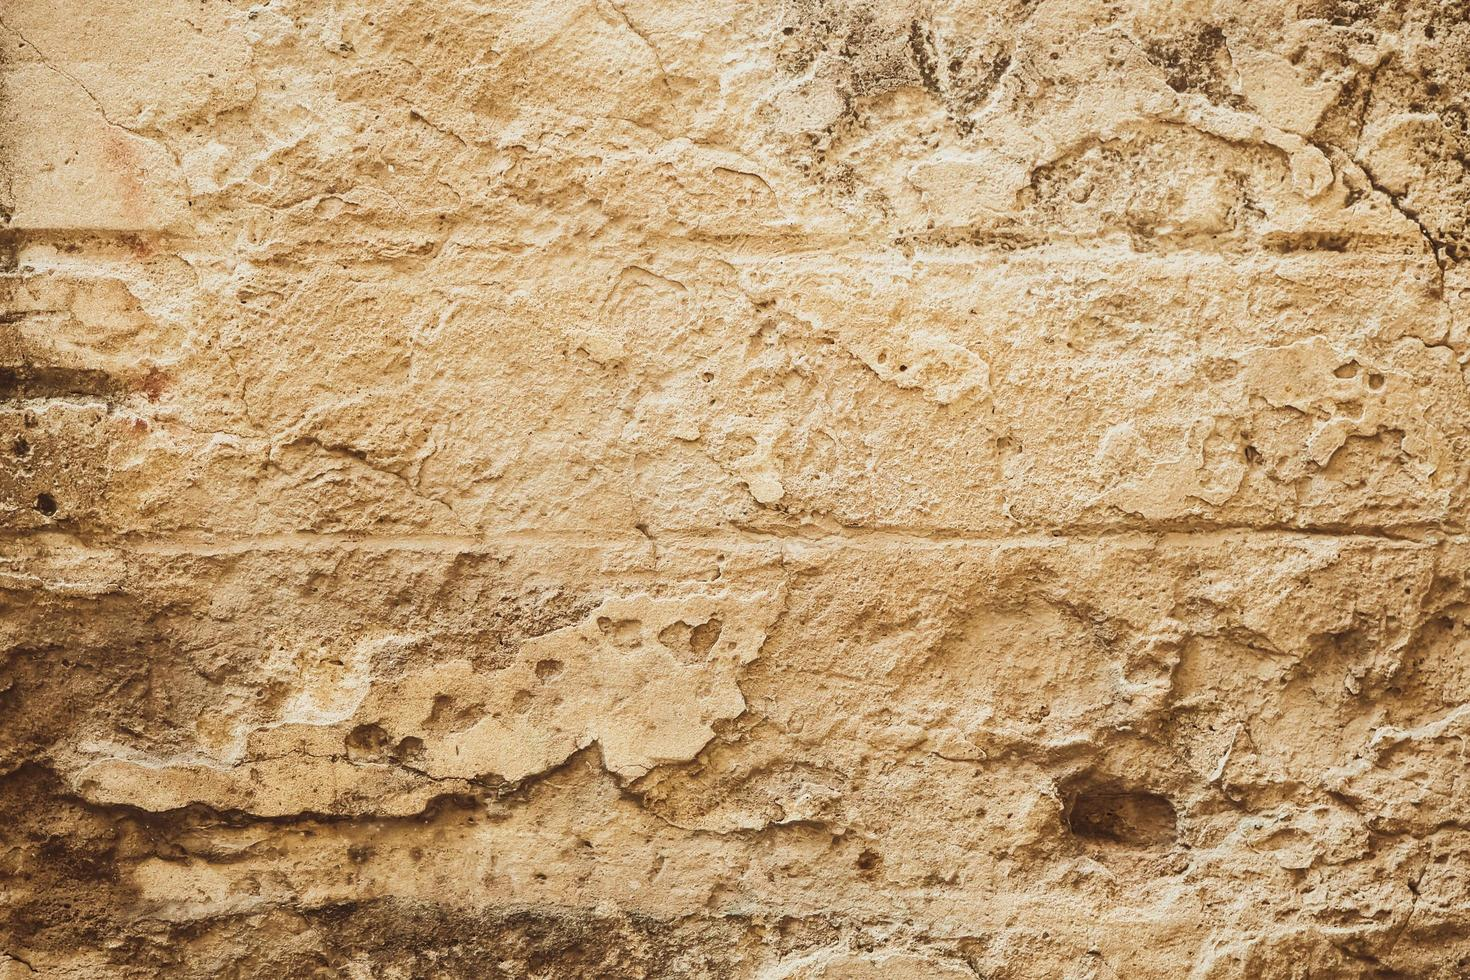 vecchio fondo rustico muro di cemento foto